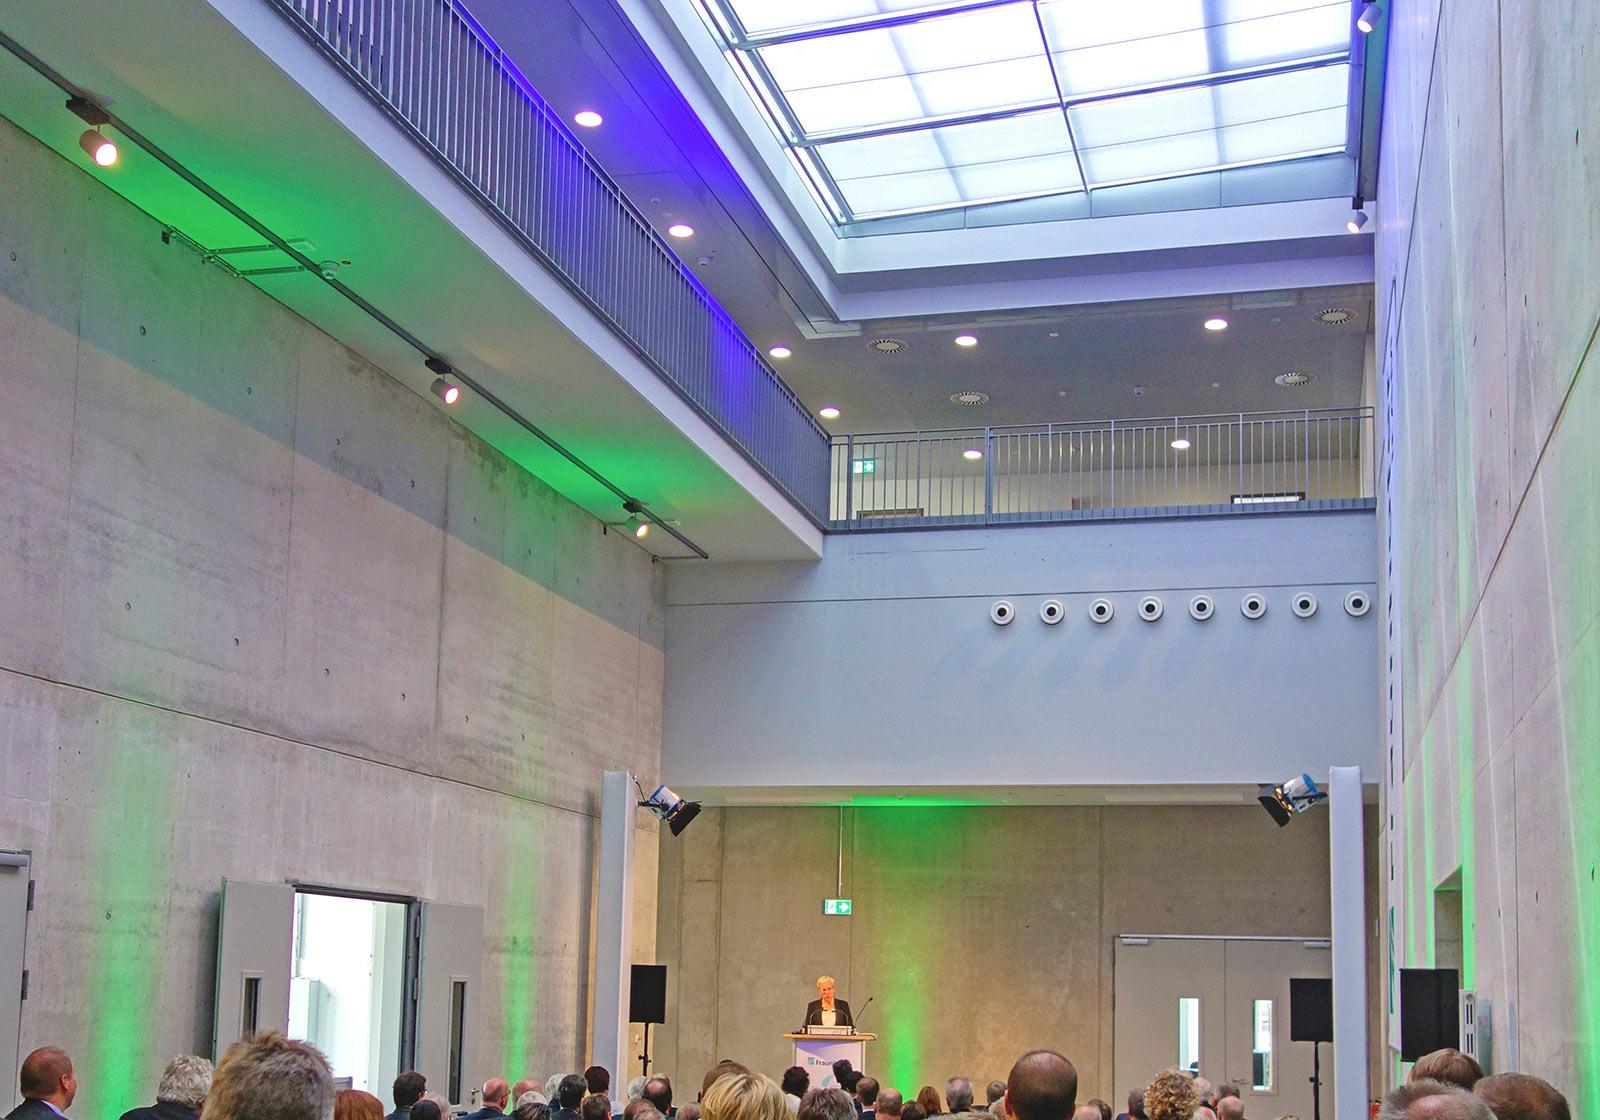 Разноцветная подсветка и различные световые отражения создали в элегантном атриуме особую атмосферу церемонии открытия. Источник фото: Fraunhofer IFAM